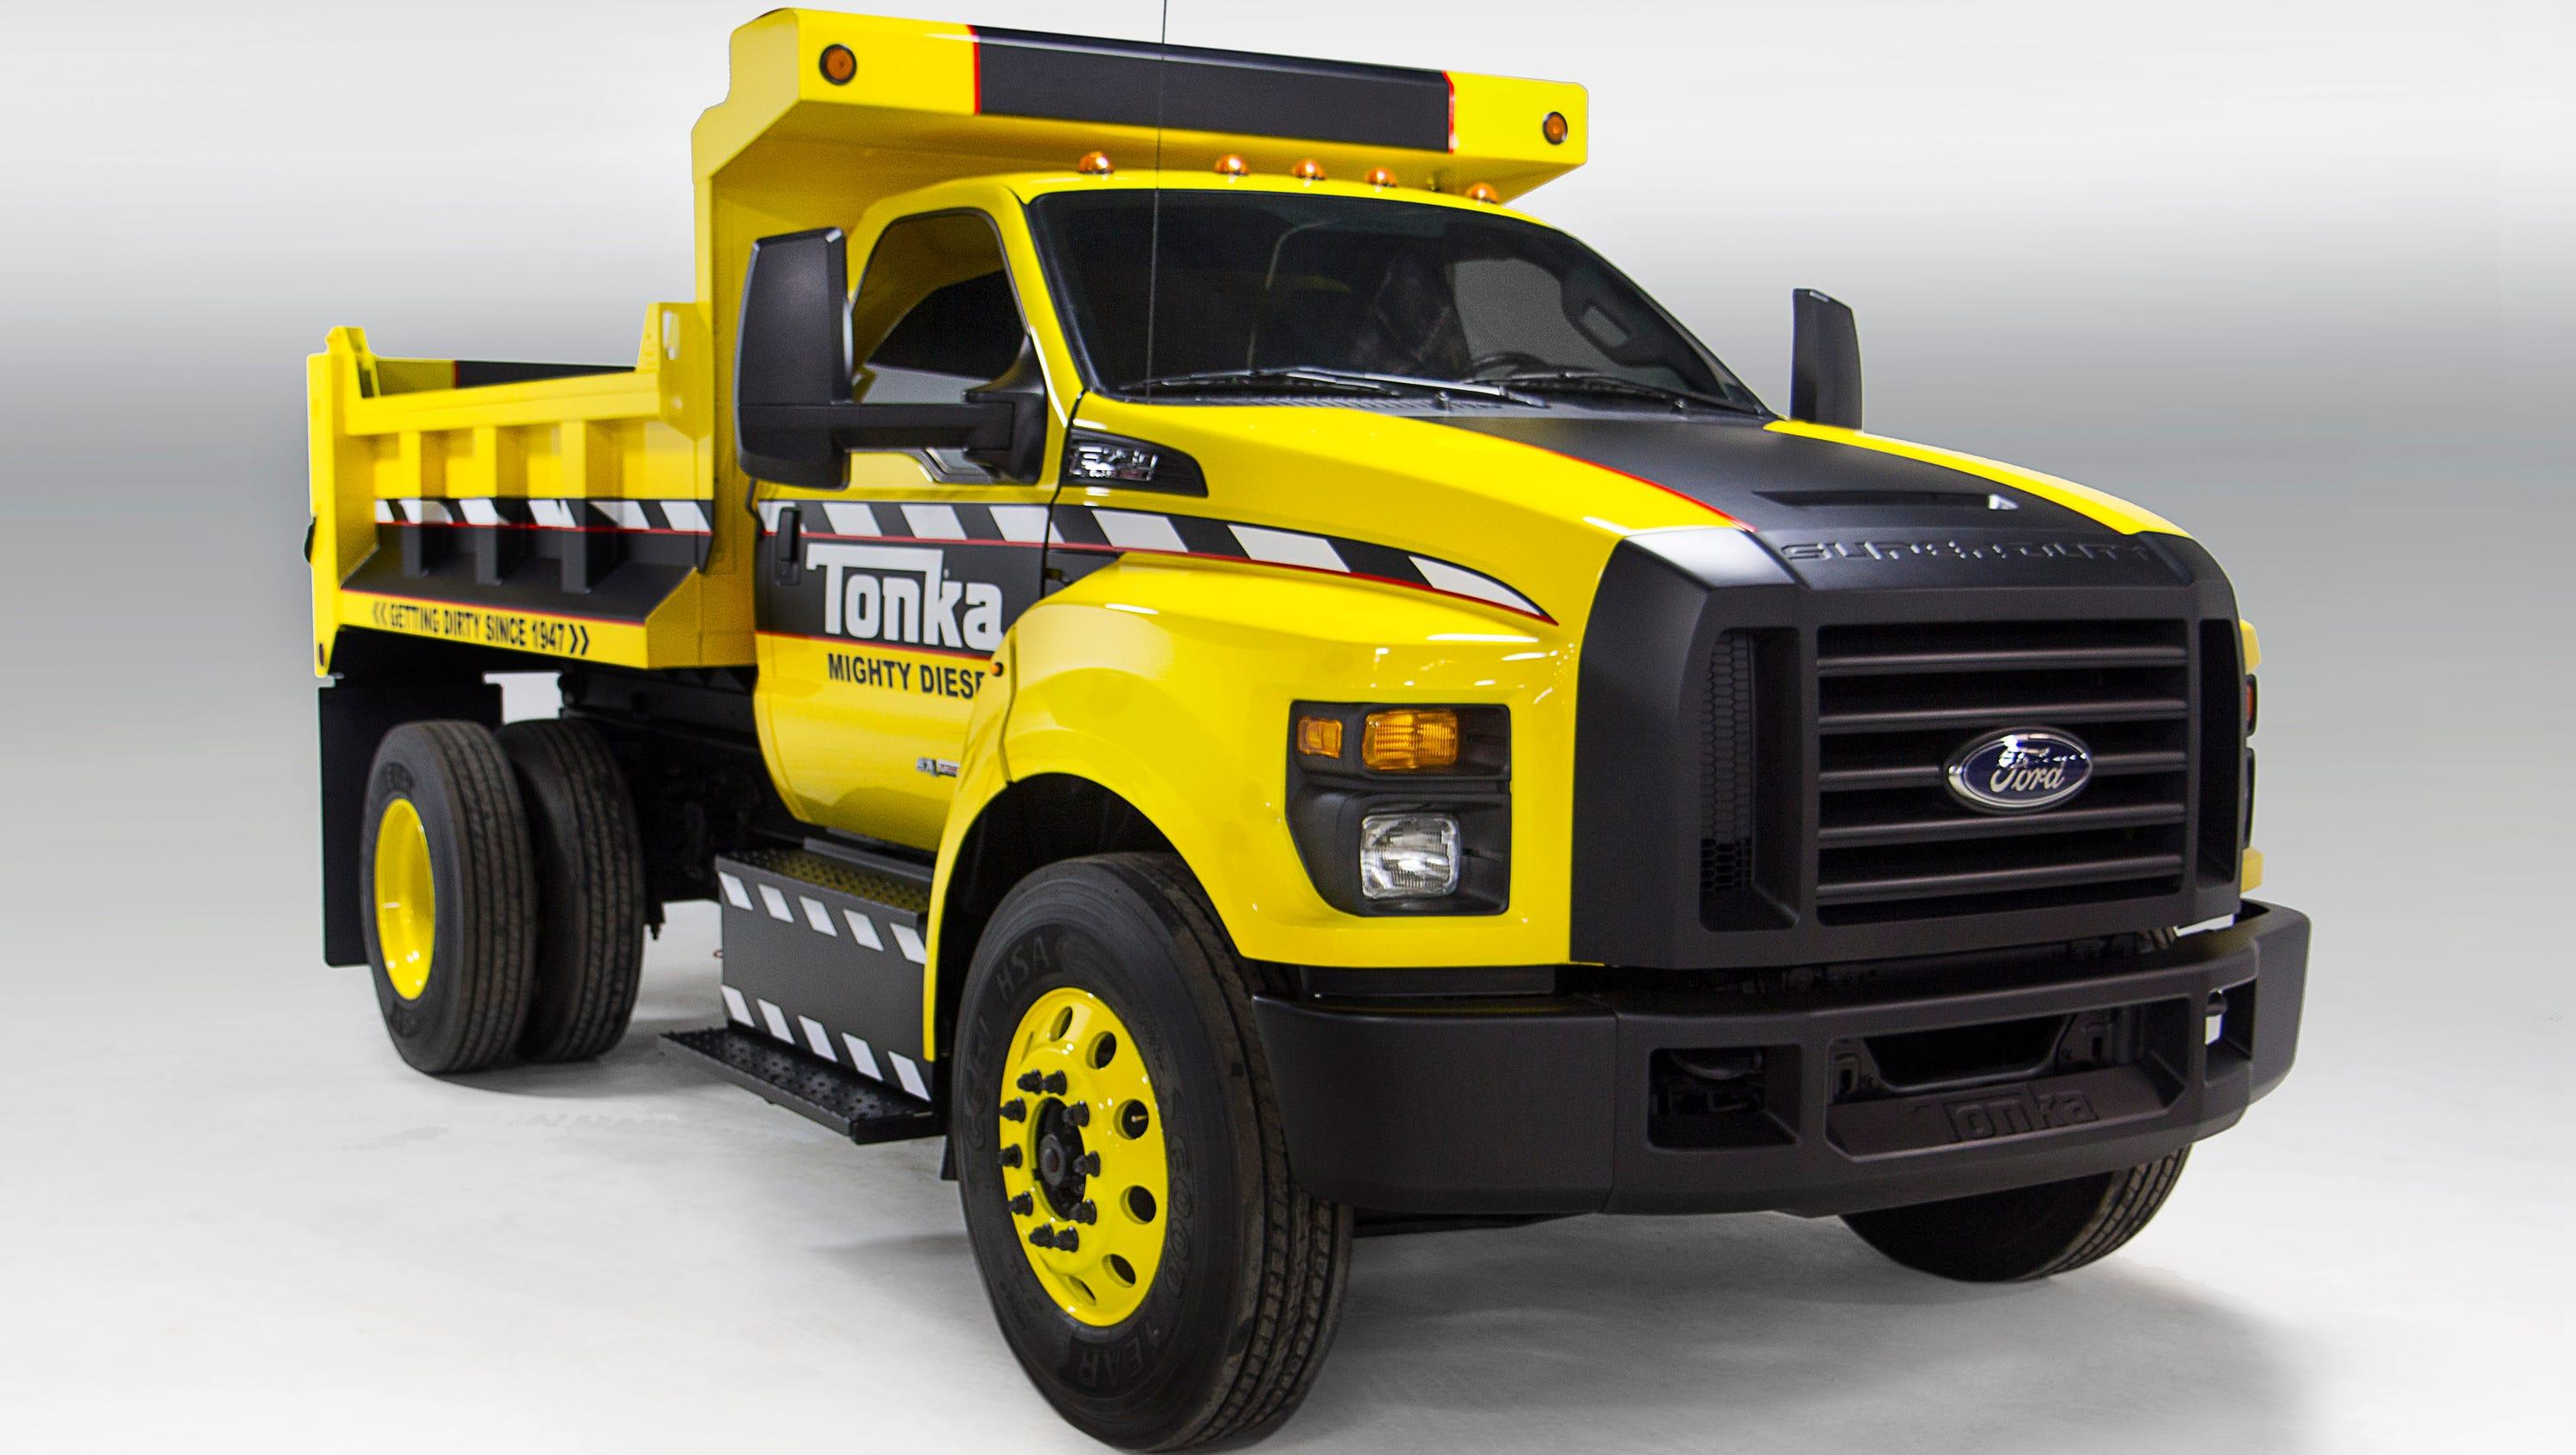 Ford Tonka Truck >> Ford-Tonka dump truck a huge 'toy'